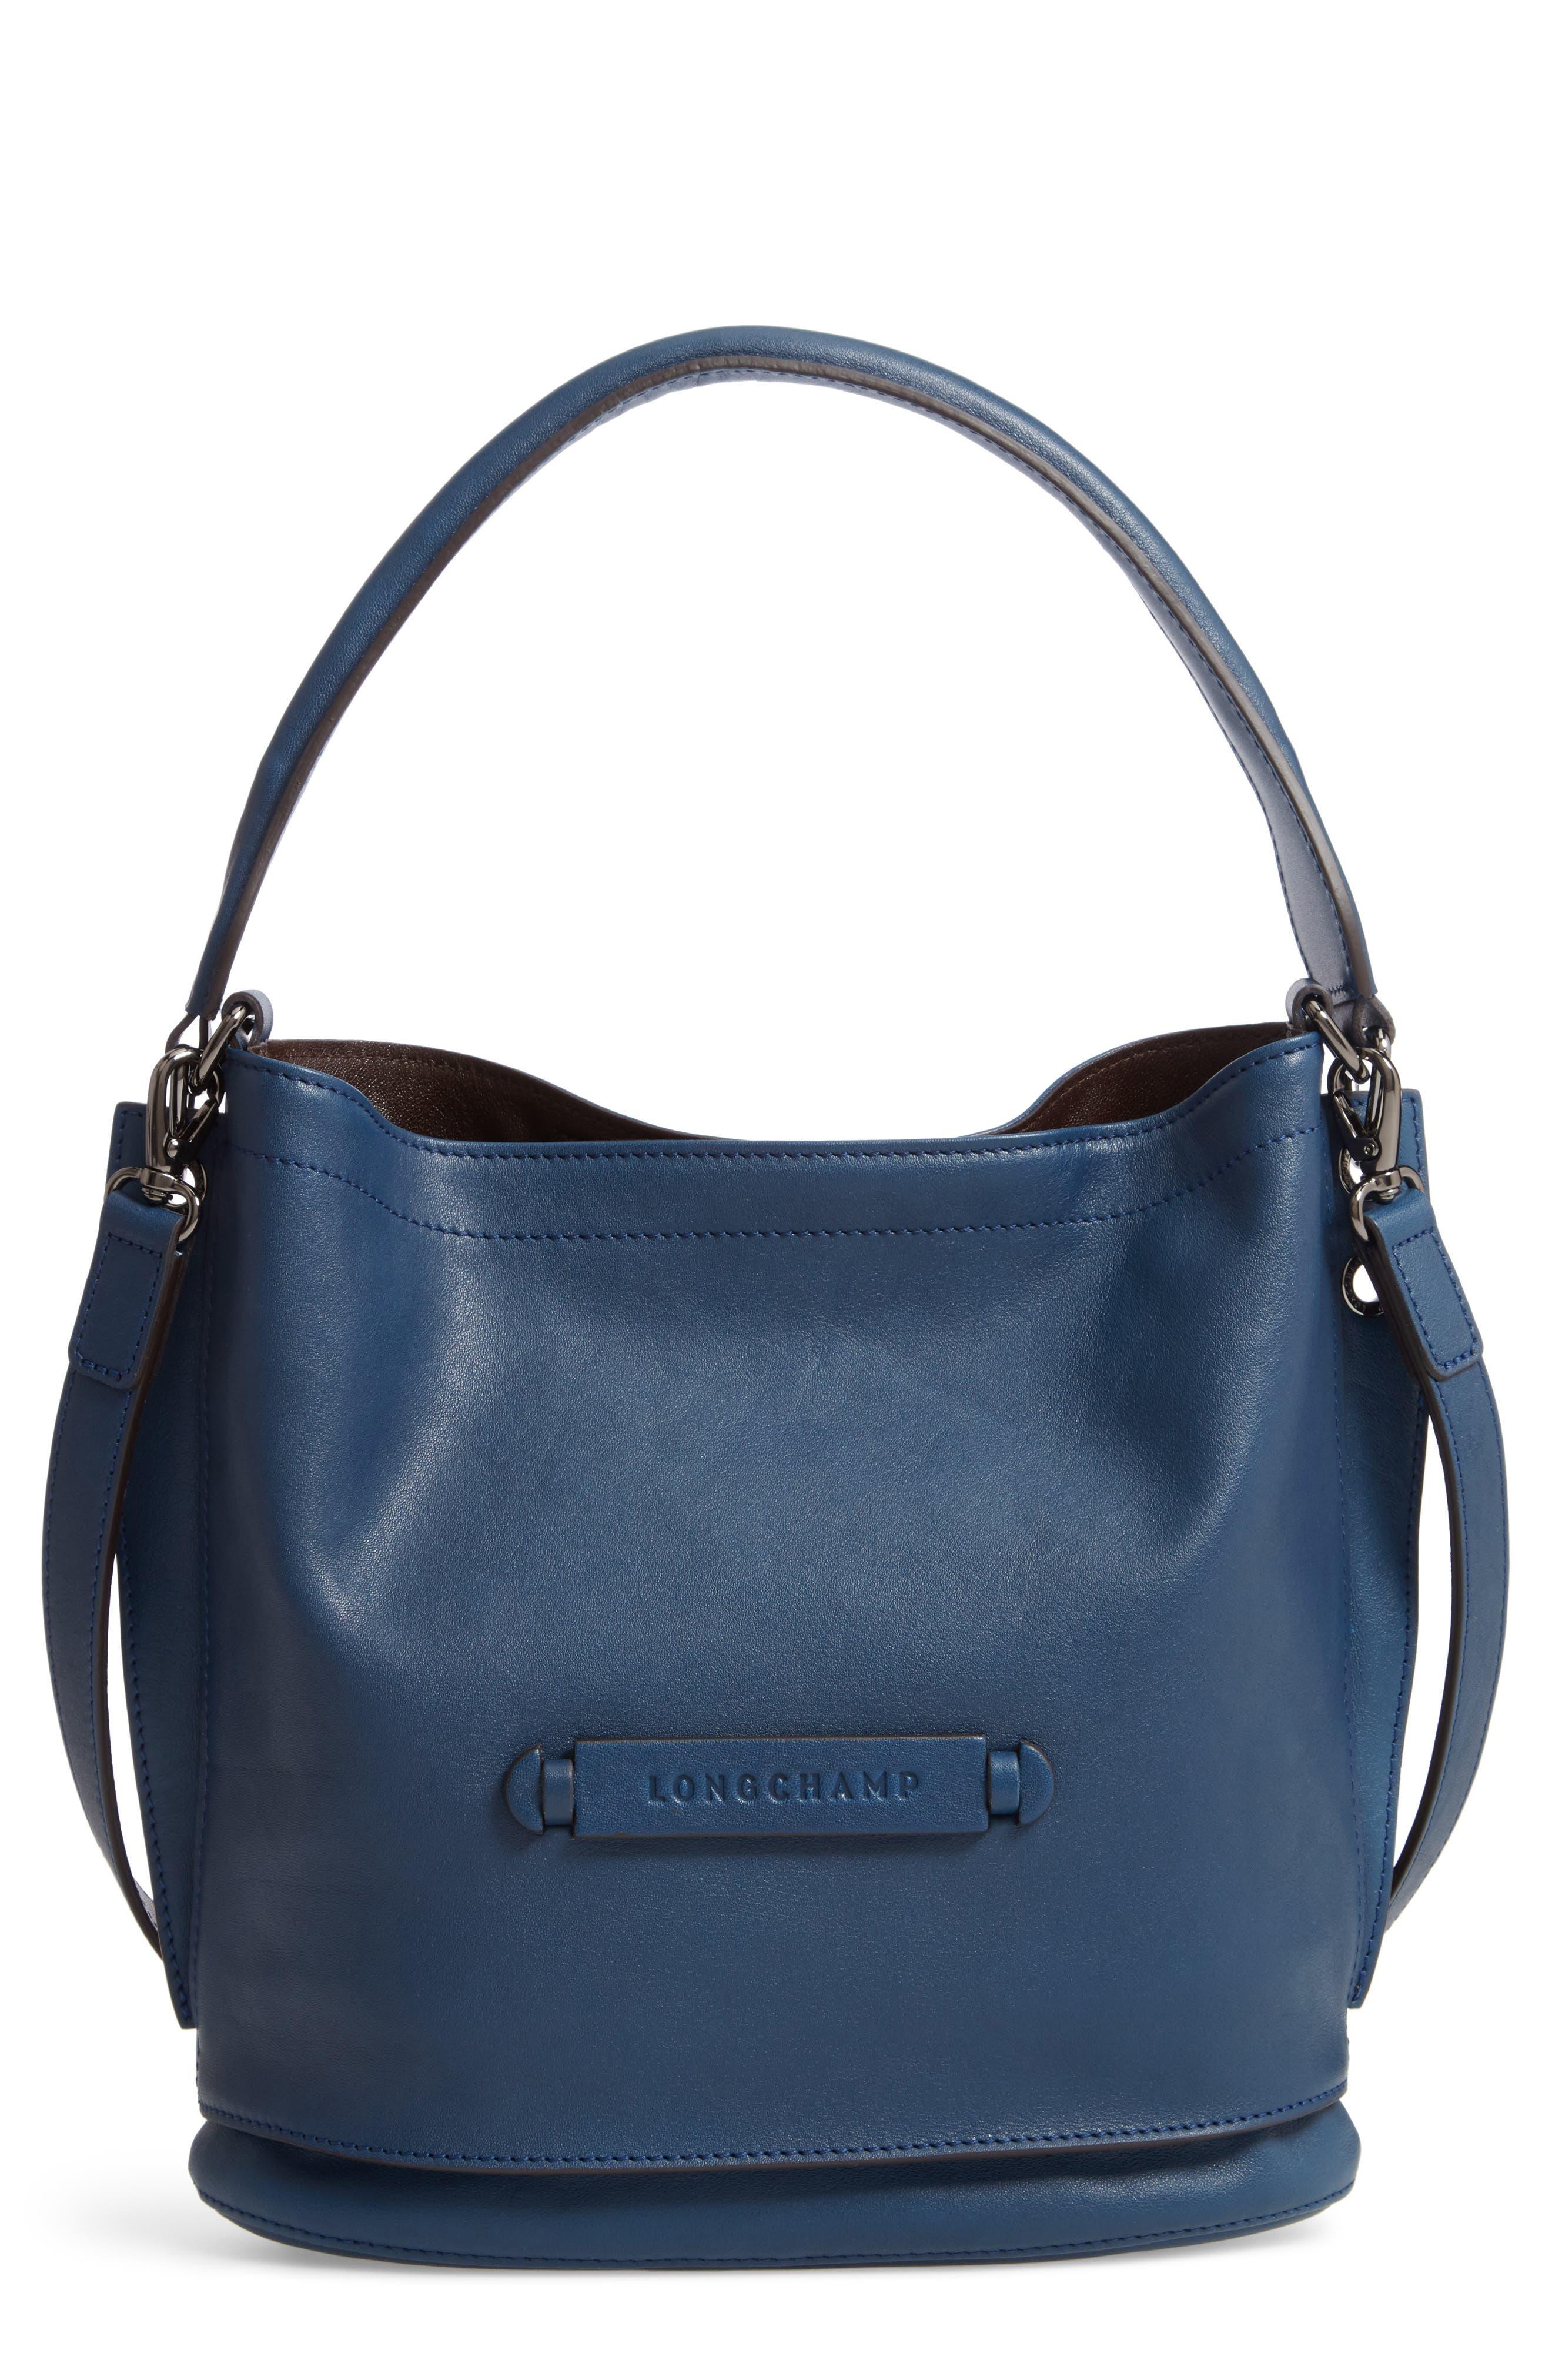 3D Leather Bucket Bag,                             Main thumbnail 1, color,                             PILOT BLUE